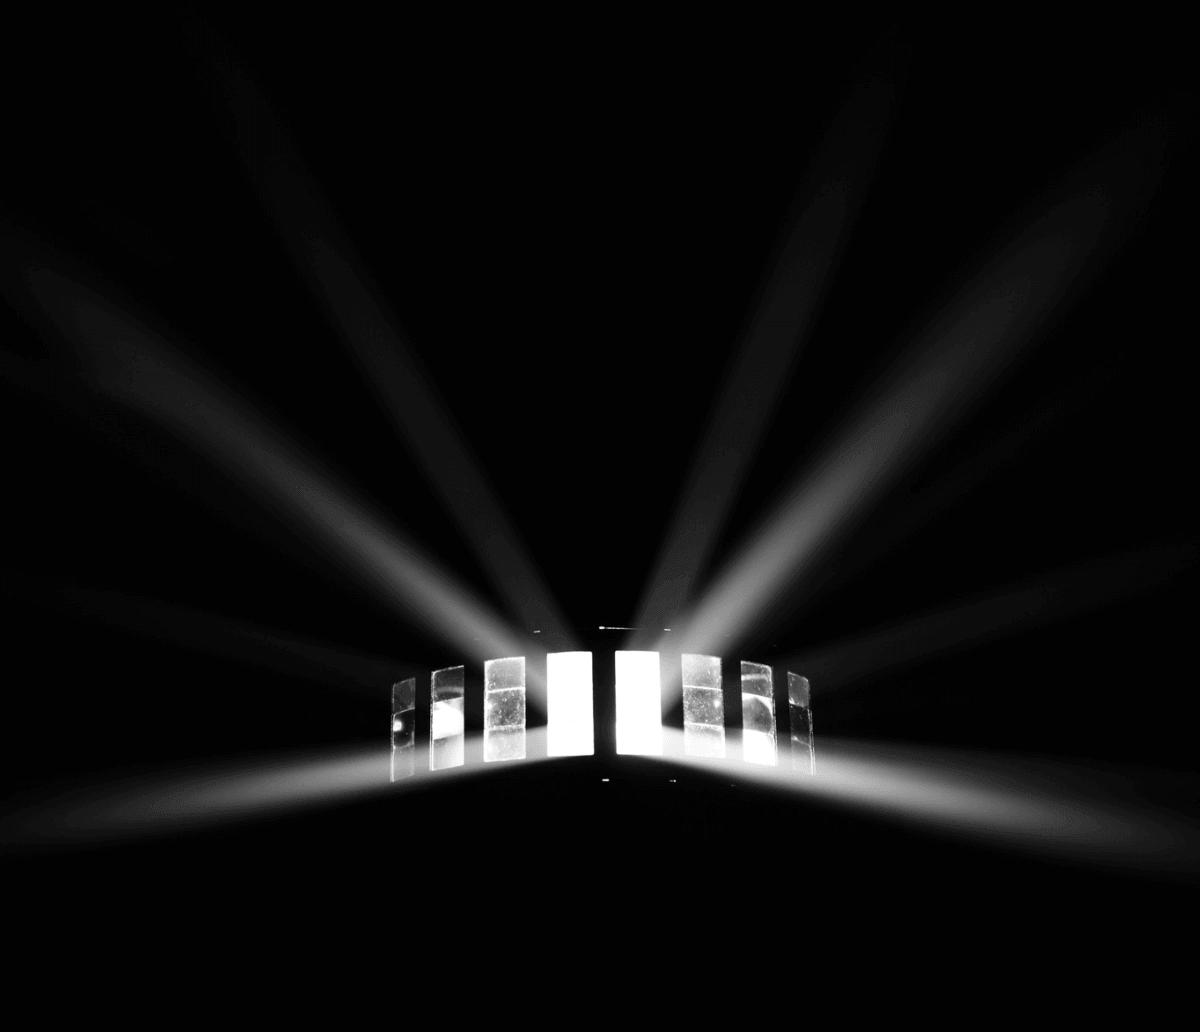 クラブ照明のイメージ画像